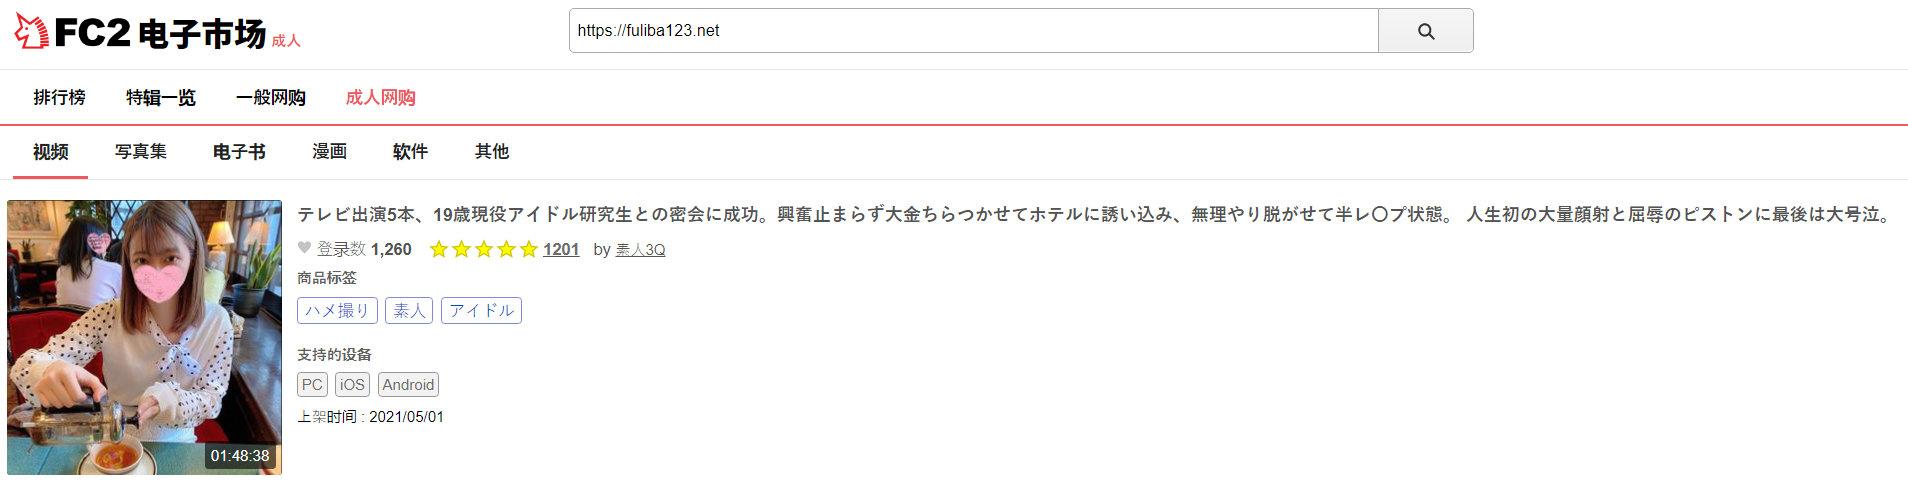 从日本十八线明星援助交际被拍摄上传谈观影三宗罪